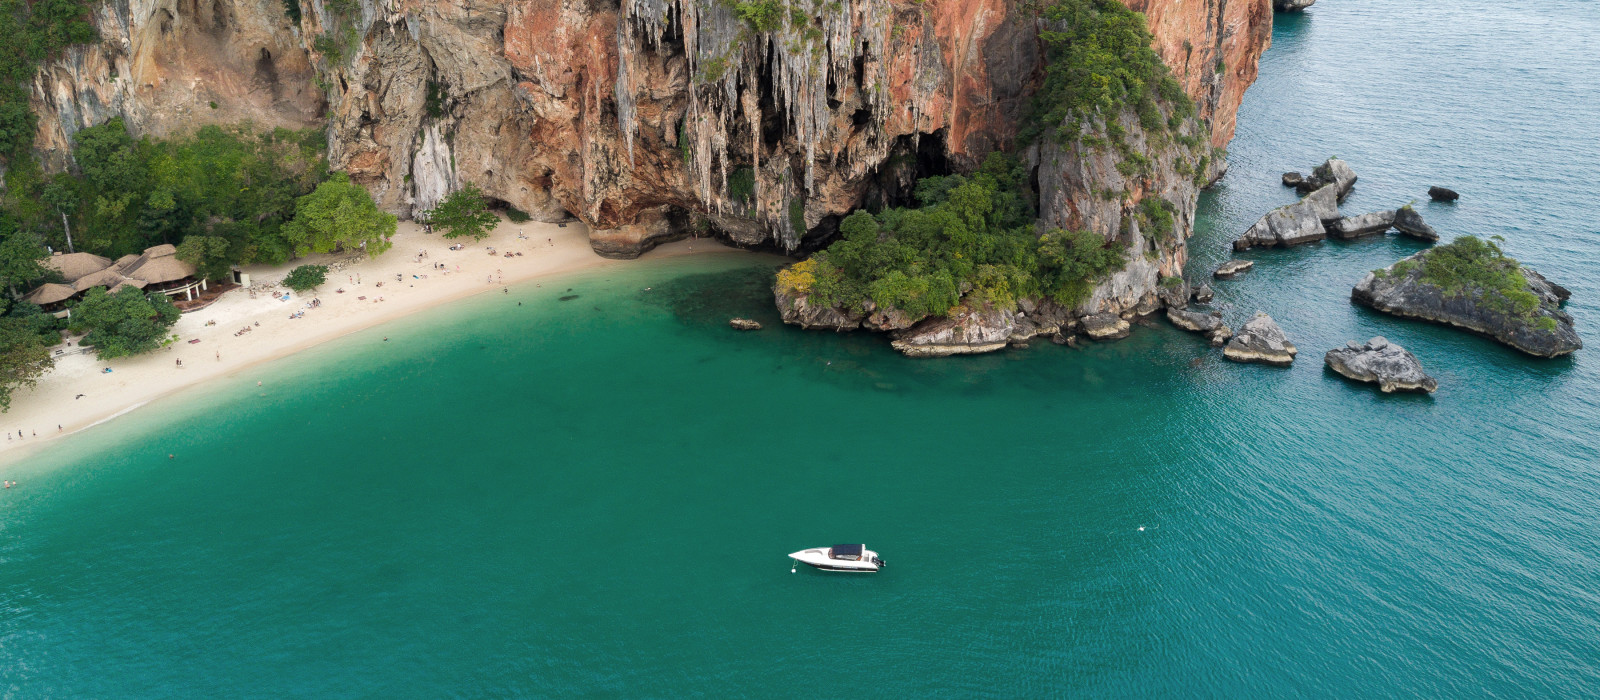 Vogelperspektive des tropischen Strandes und der Höhle von Phra Nang in der Provinz Krabi, Thailand